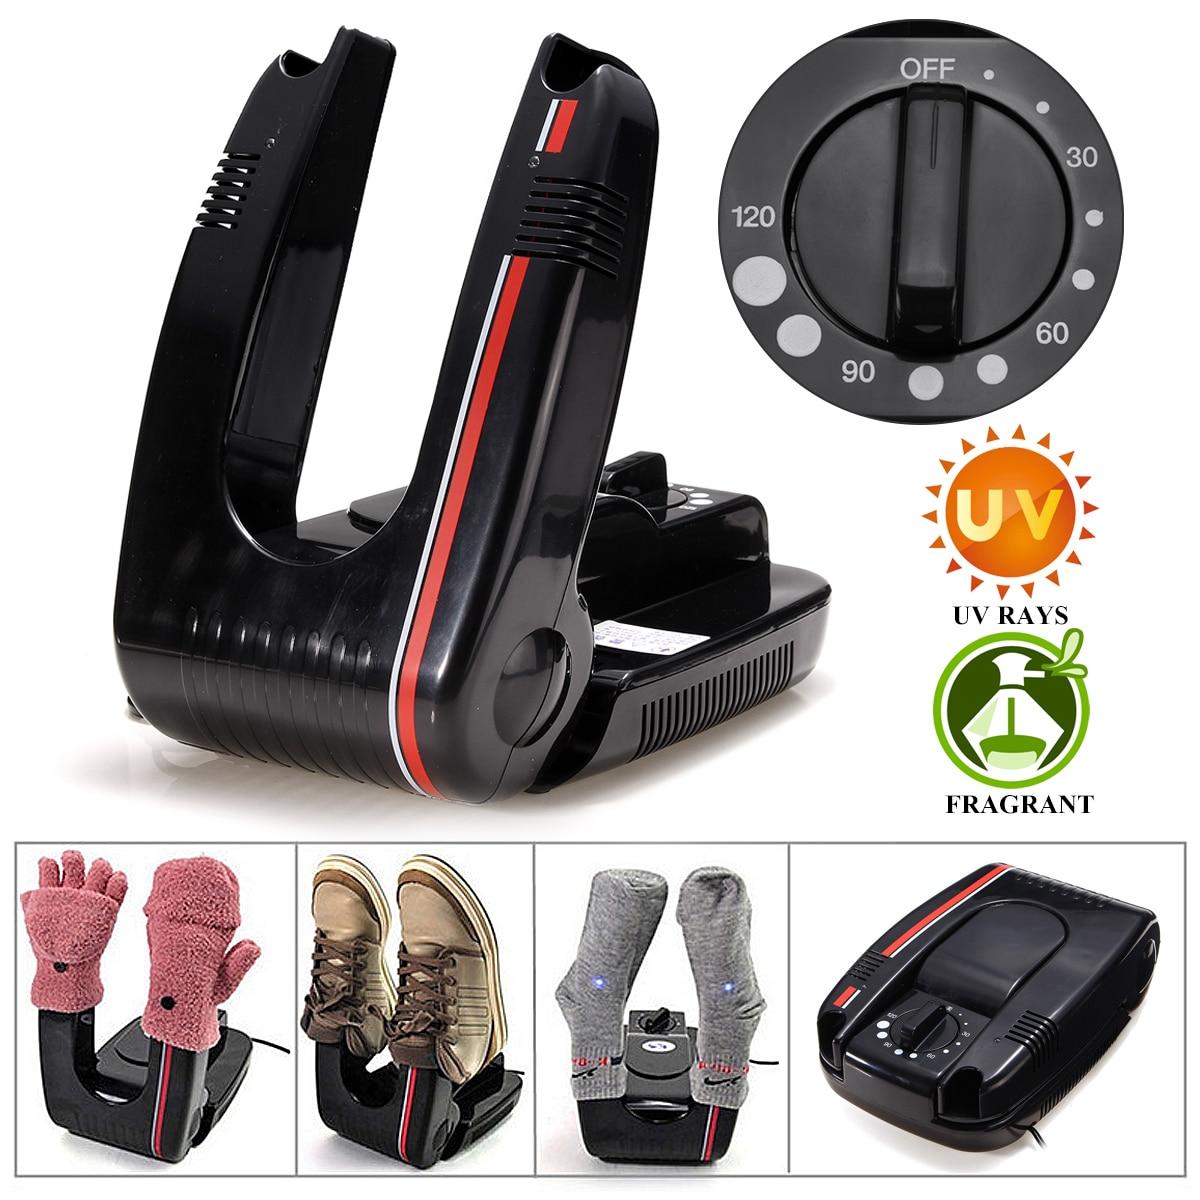 مجفف أحذية كهربائي يعمل بمؤقت ، مجفف أحذية كهربائي ذكي مع مؤقت لتعقيم وإزالة الروائح الكريهة